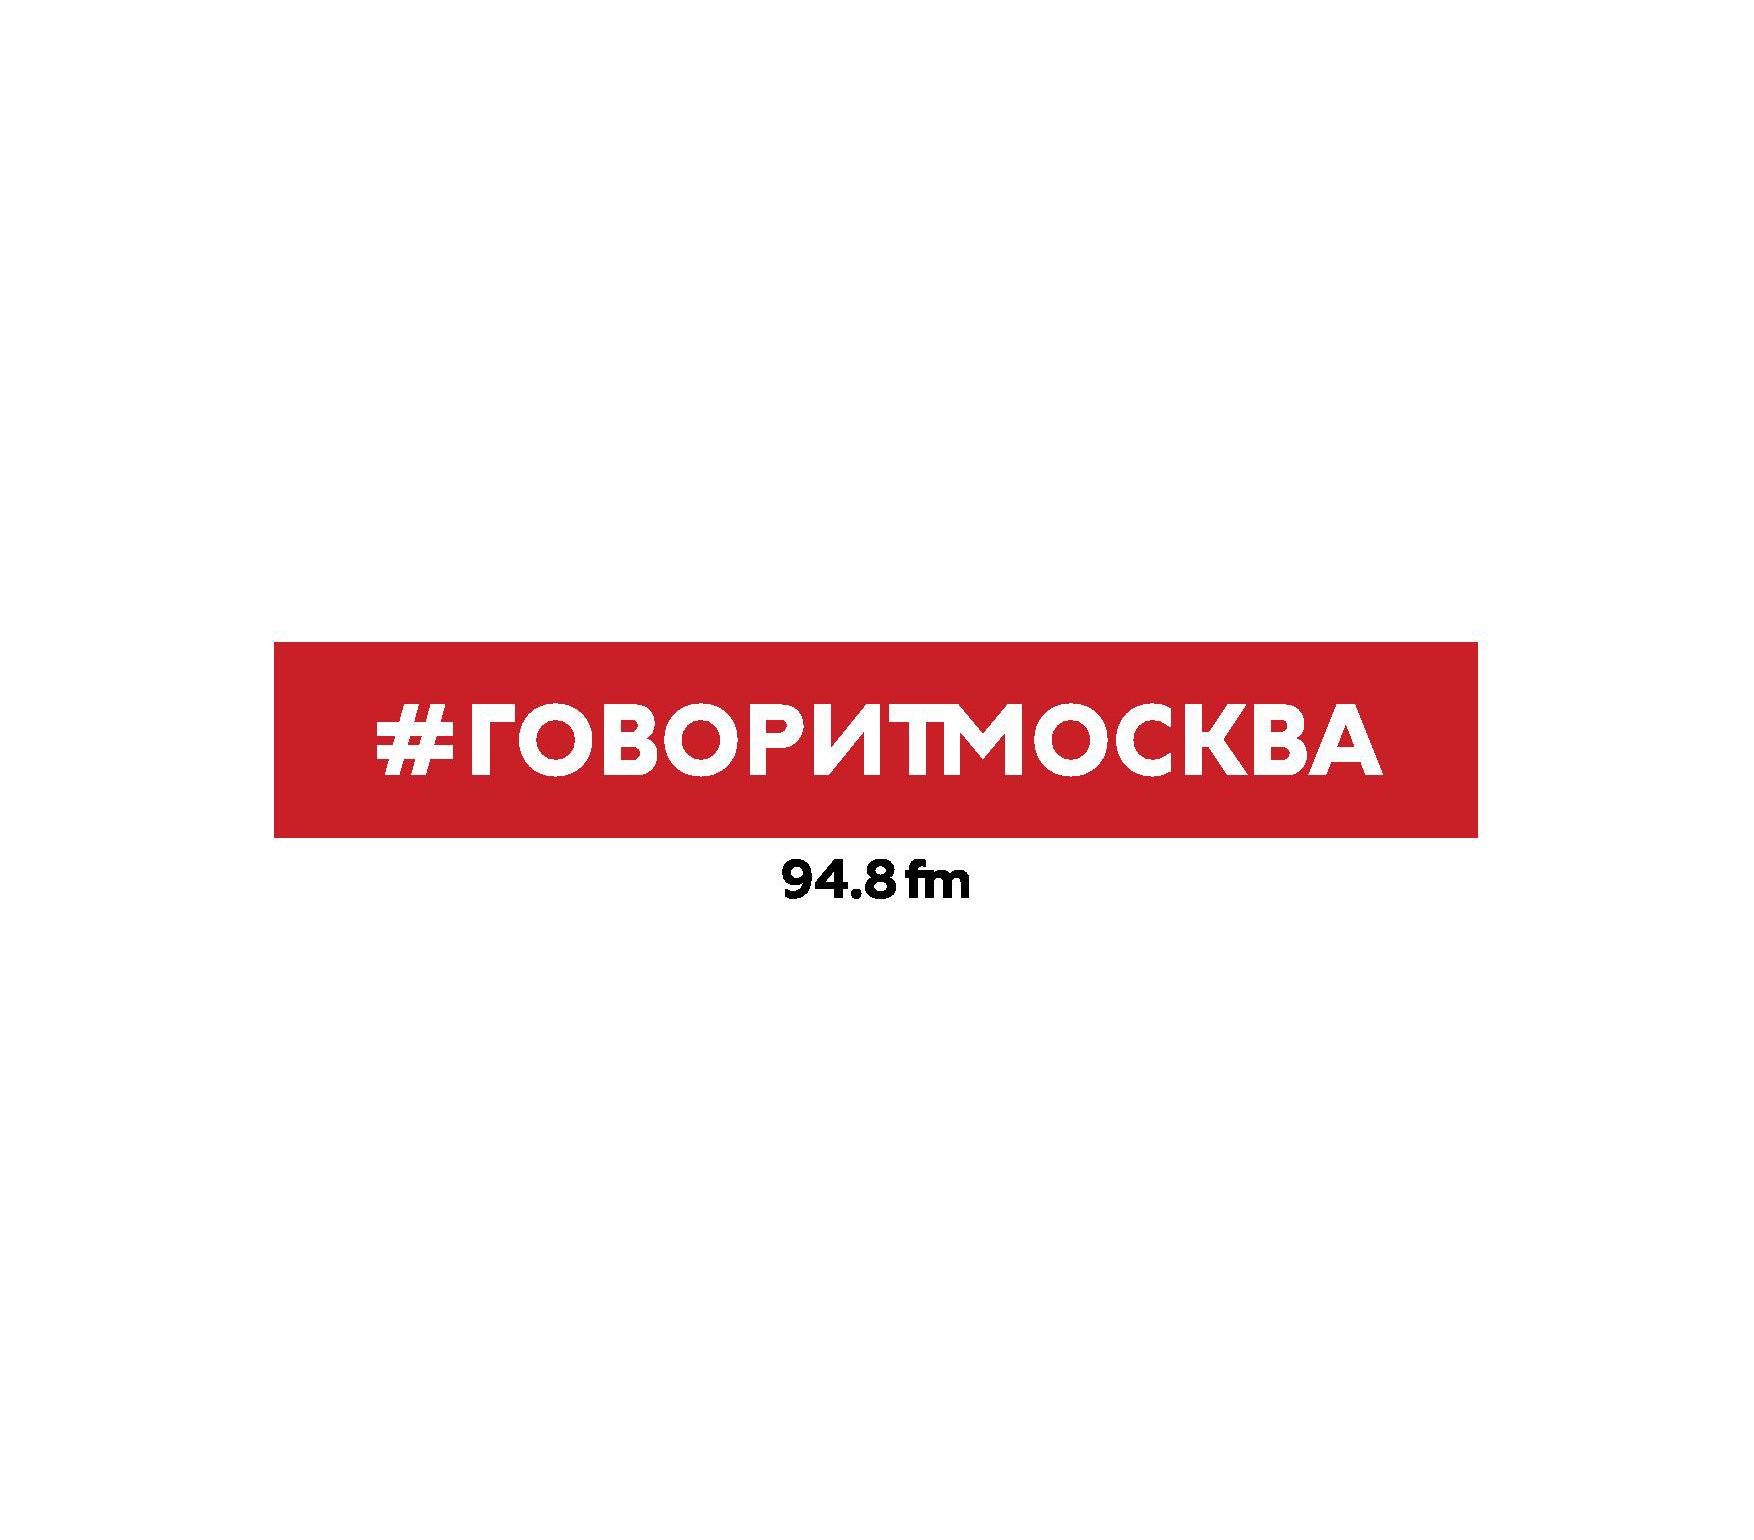 Юрий Никифоров Герои Отечественной войны 1812 года 1966 герои отечественной войны 3324 3326гп горизонтальные пары серия